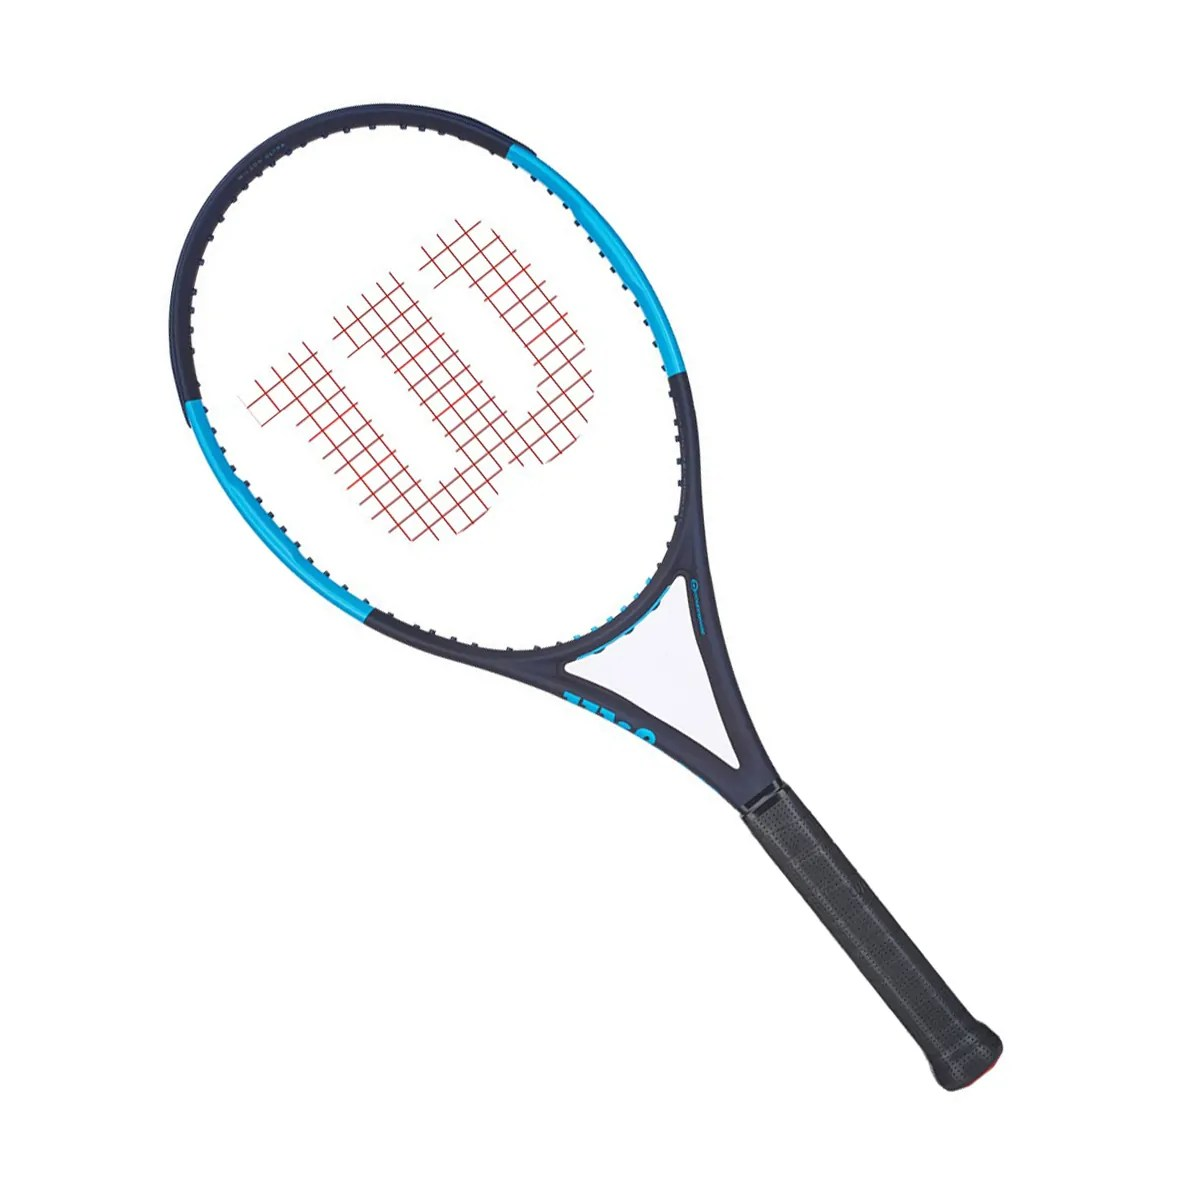 69955e298 Raquete de Tênis Wilson Ultra 100 Countervail - Empório do Tenista